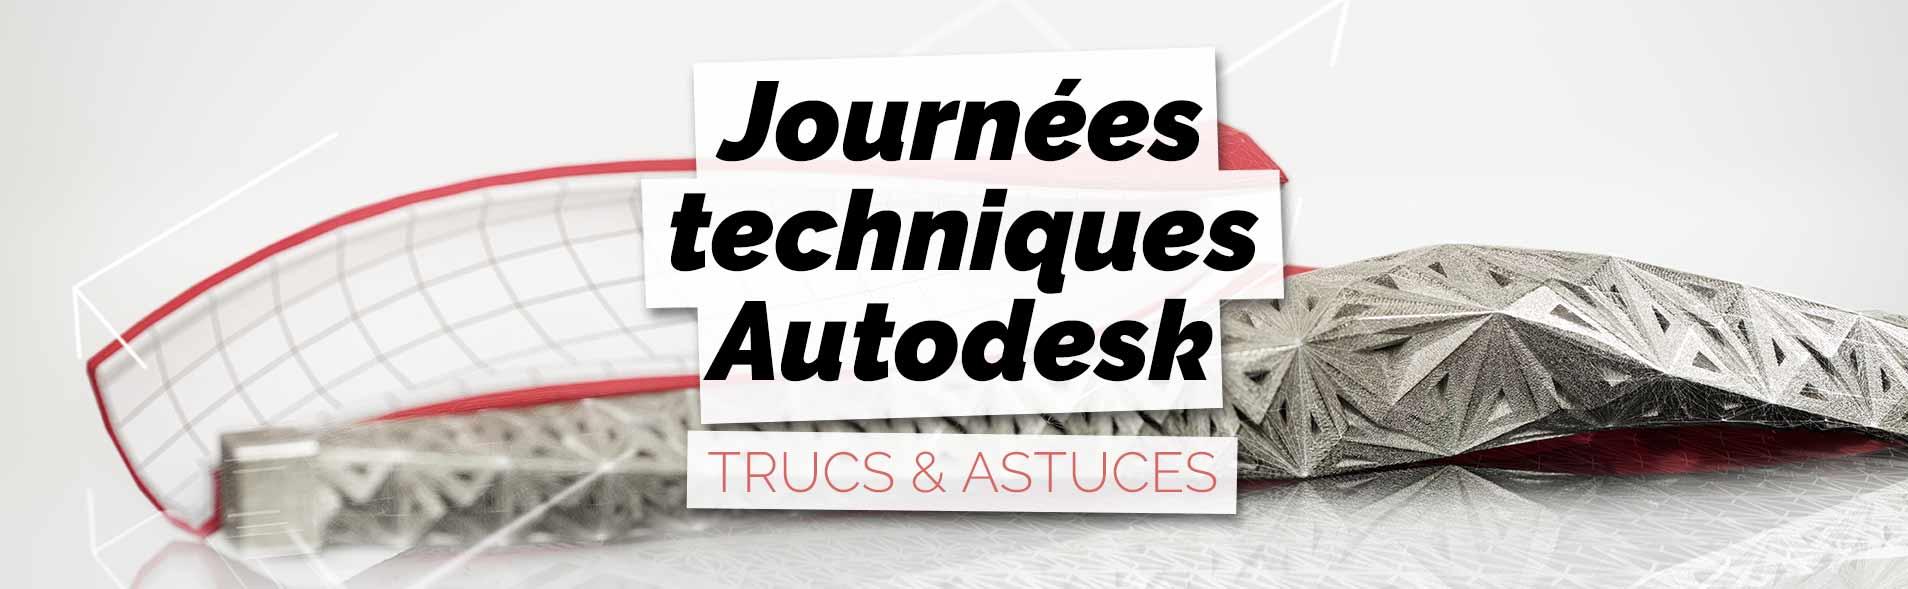 journées techniques Autodesk